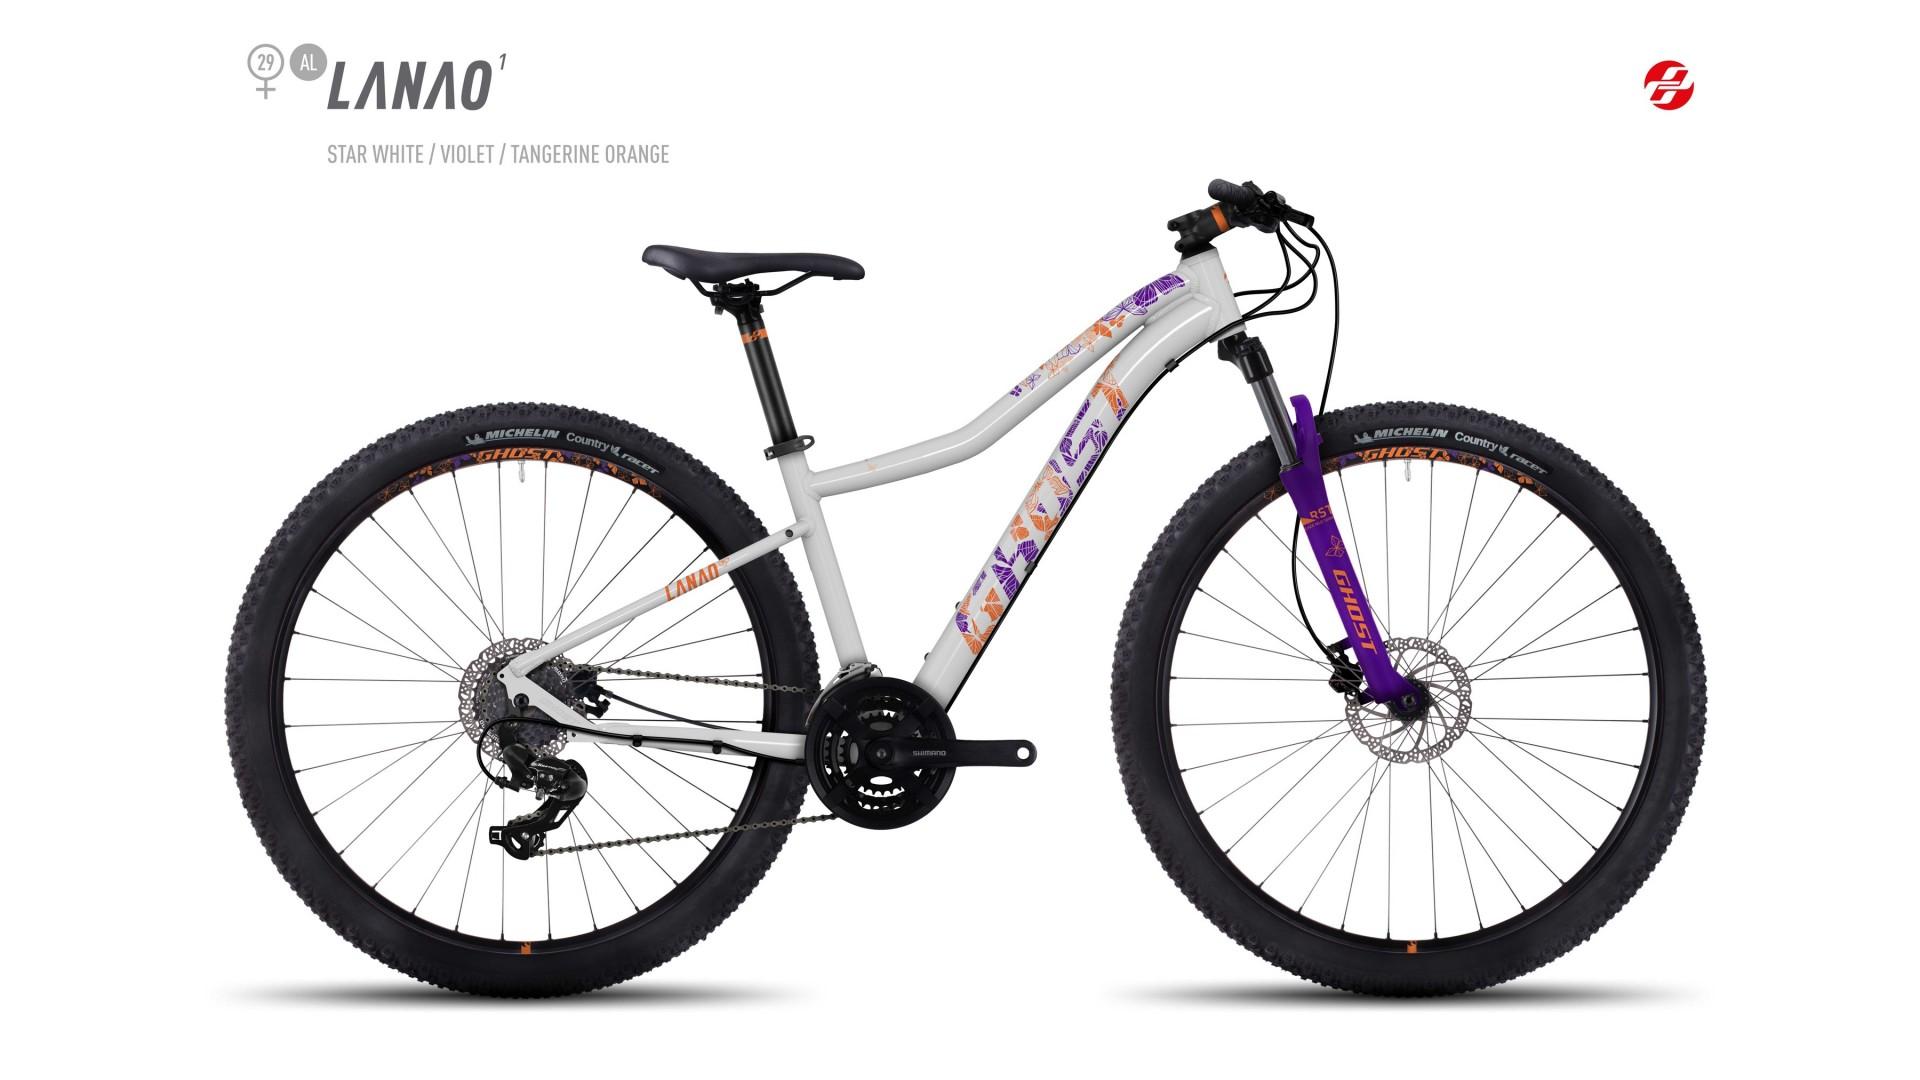 Велосипед GHOST Lanao 1 AL 29 starwhite/violet/tangerineorange год 2017